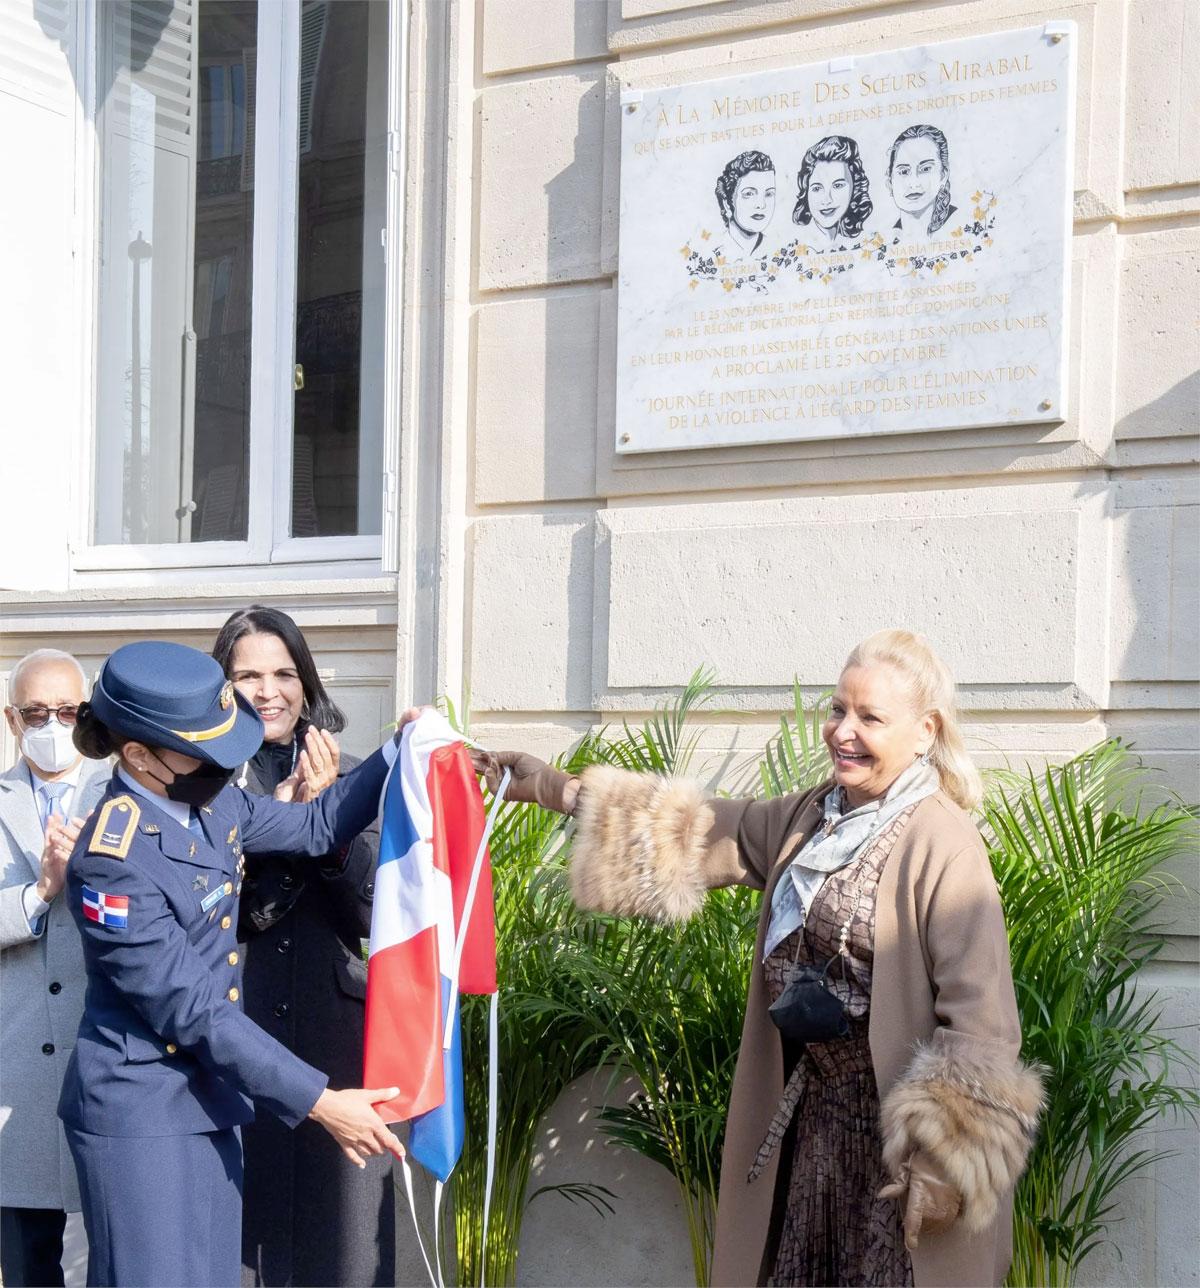 Minou Tavárez Mirabal y la embajadora de la República Dominicana en Francia, señora Rosa Hernández de Grullón, al momento de develizar la placa.